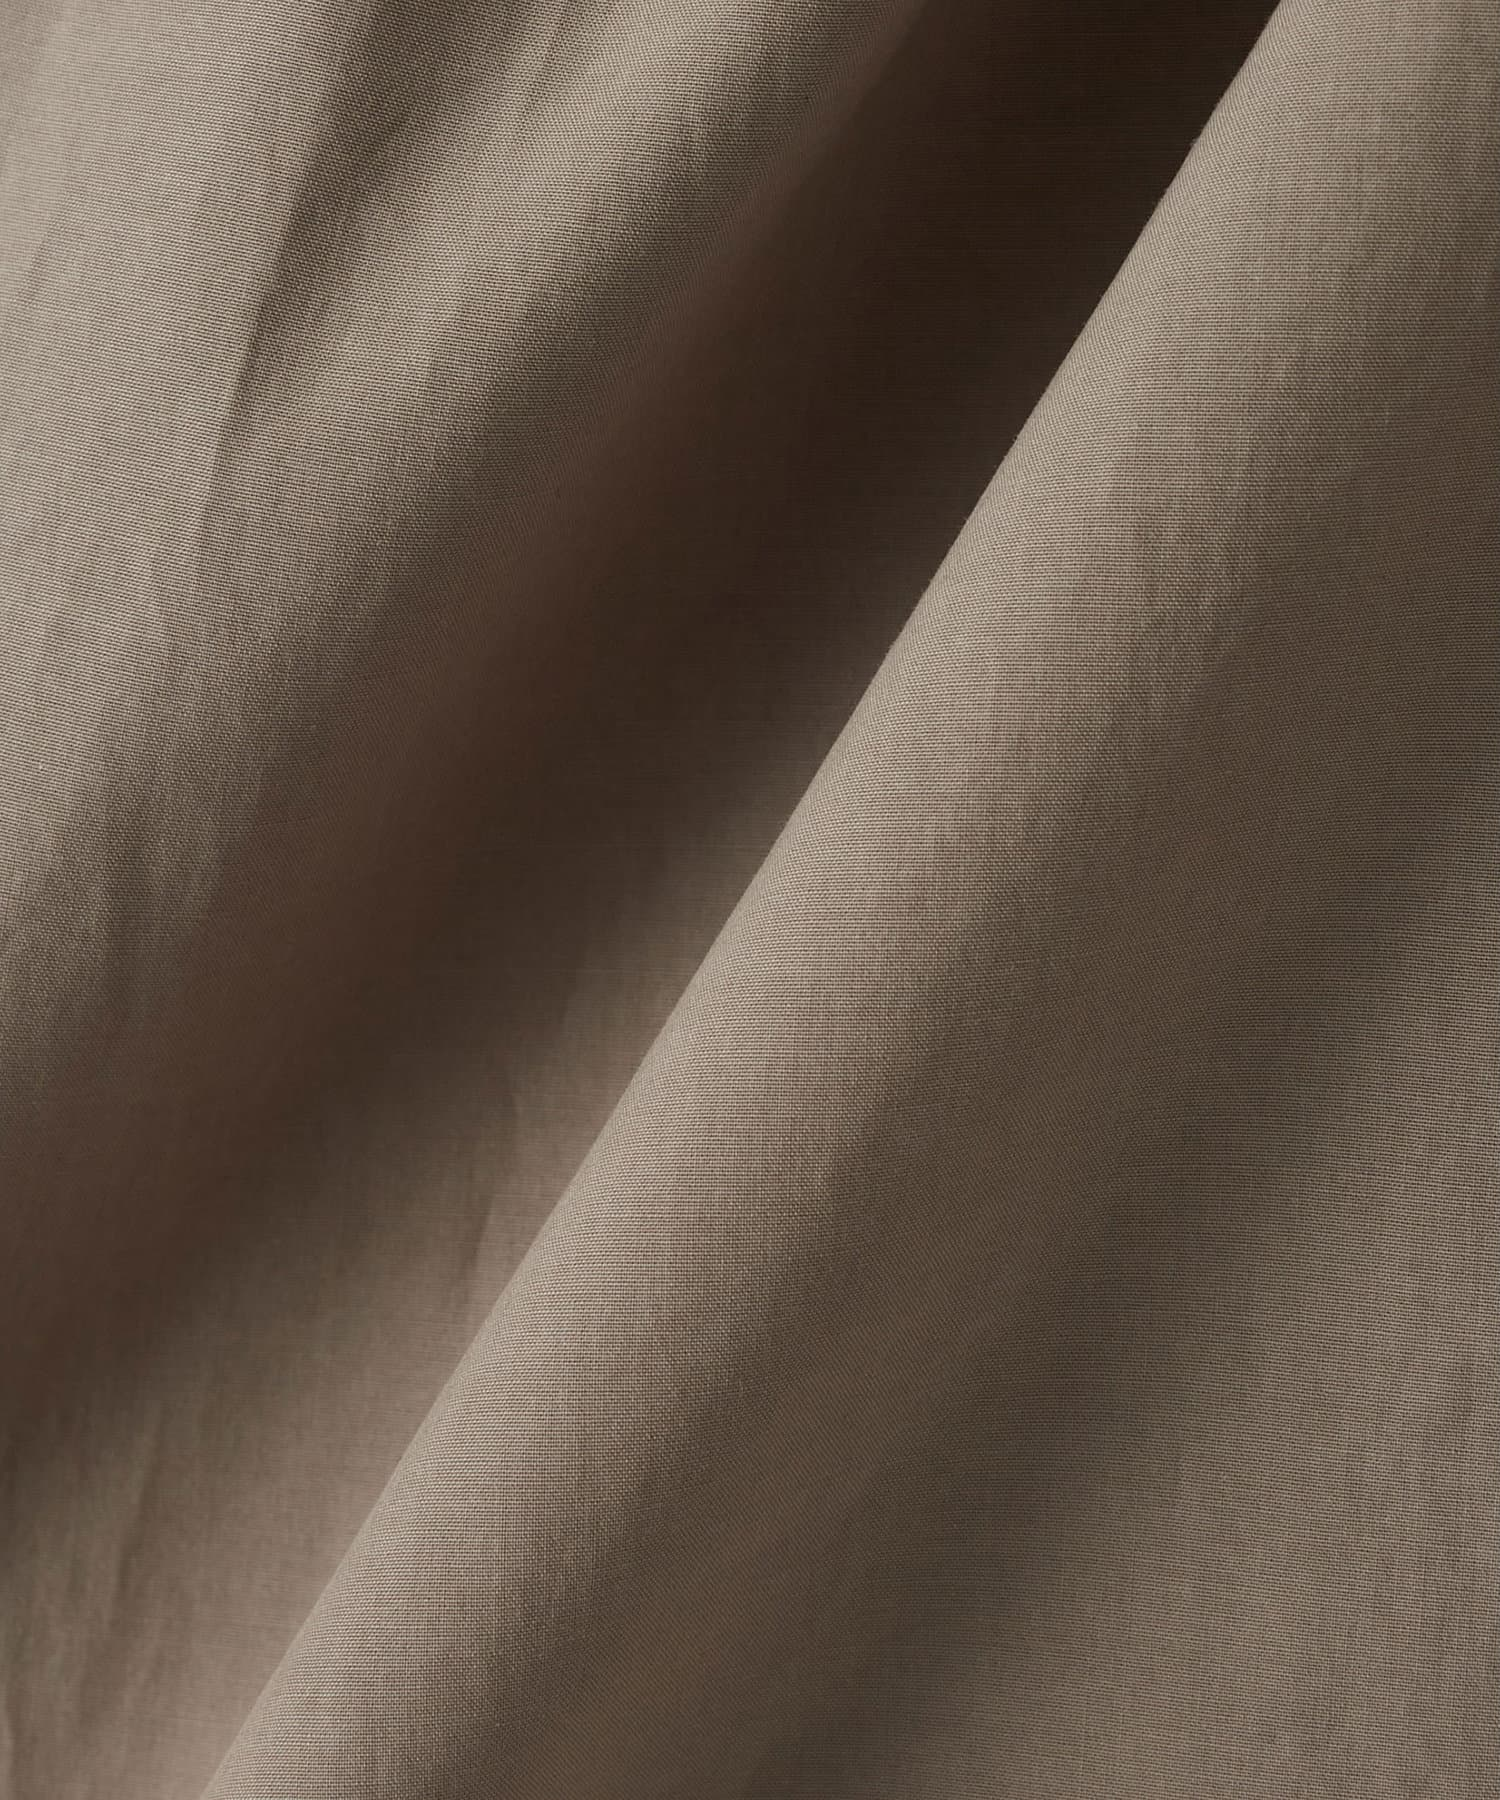 La boutique BonBon(ラブティックボンボン) 【手洗い可・セットアップ可】リヨセル混リラックスシャツ